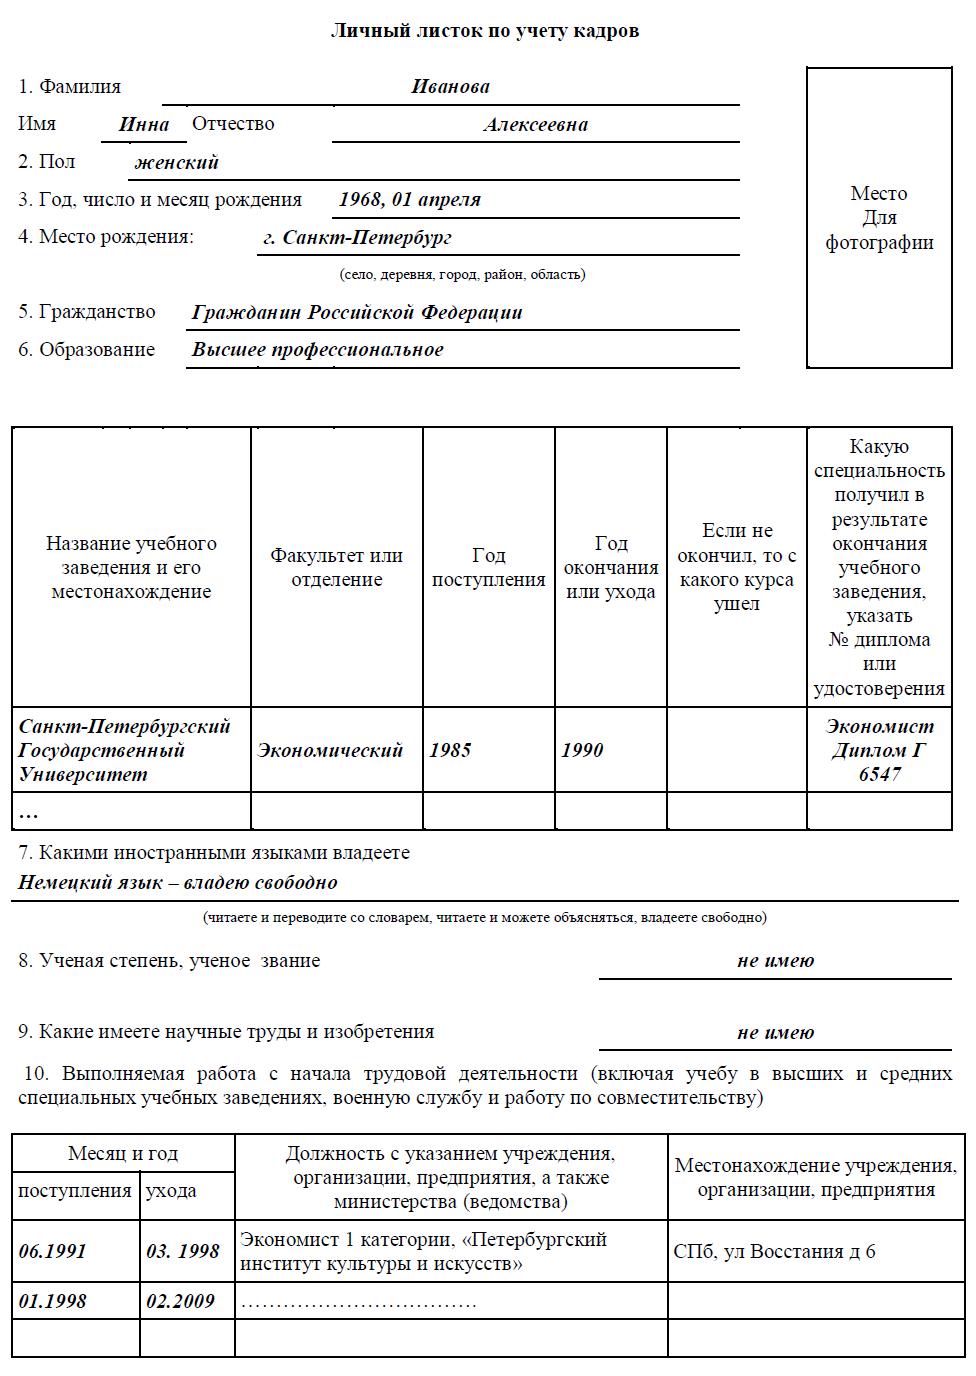 Страна происхождения товара по классифиатору россия или российская федерация